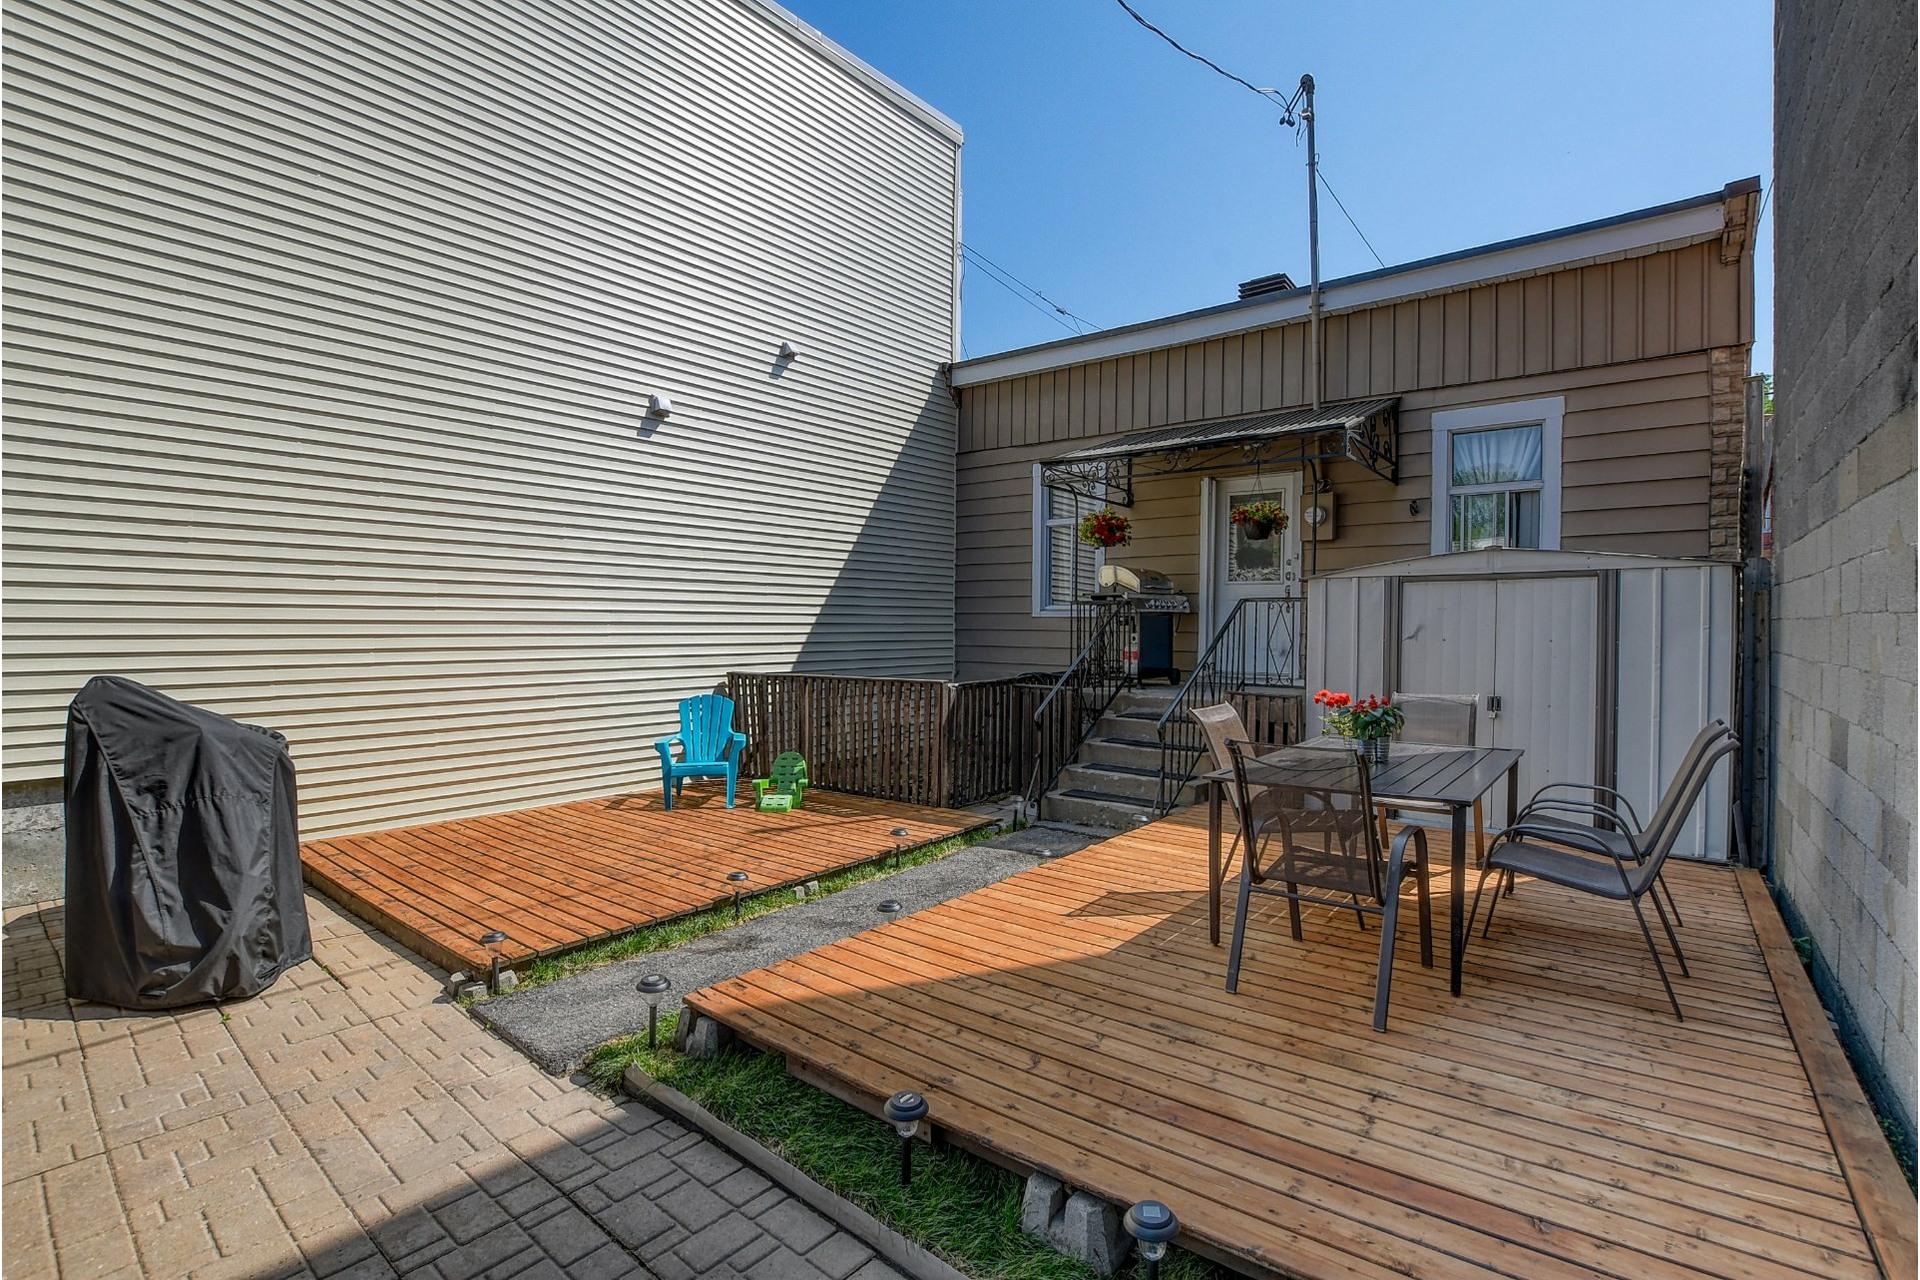 image 18 - House For sale Lachine Montréal  - 5 rooms